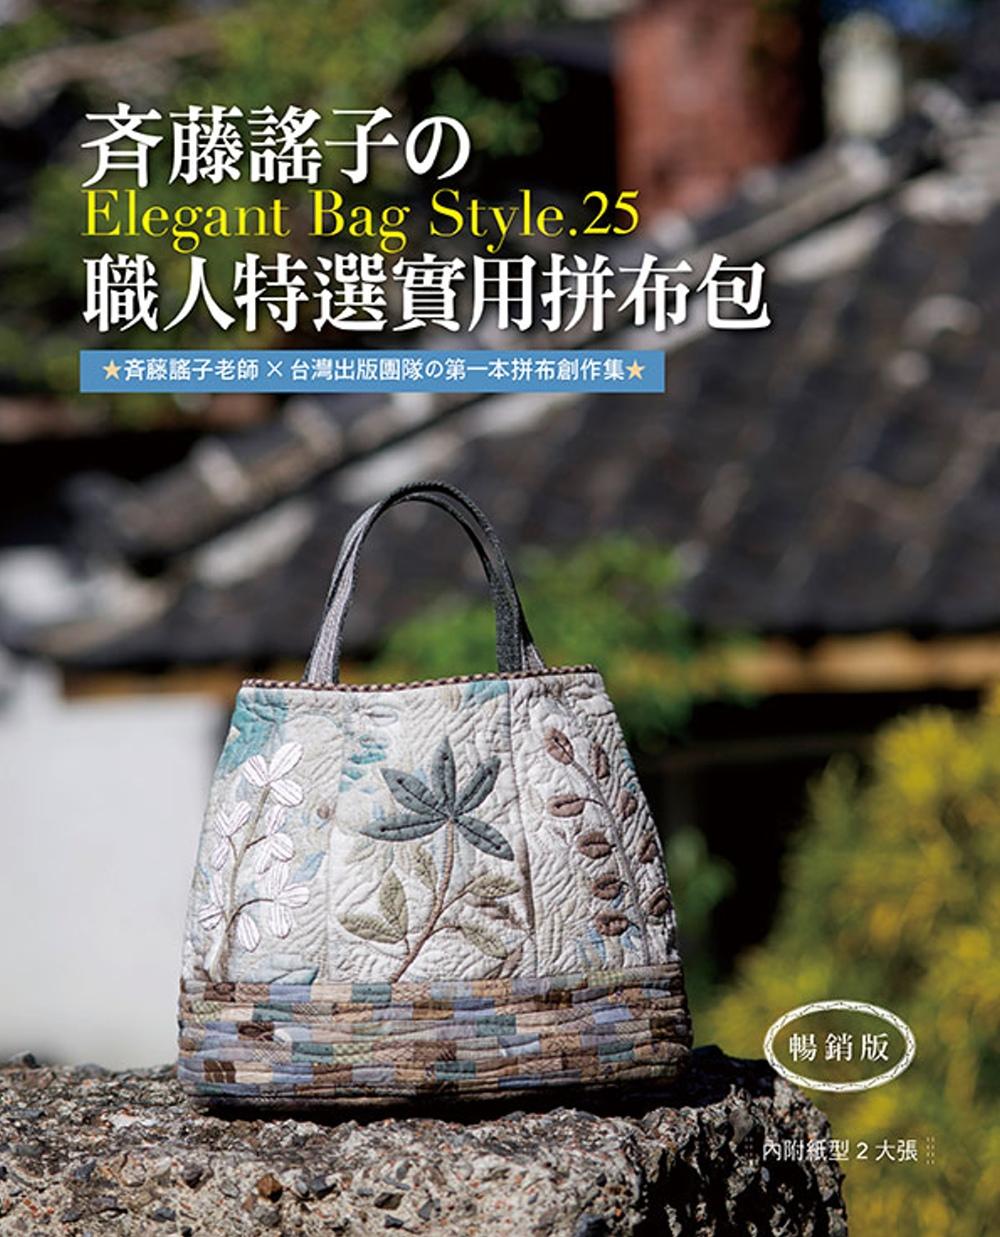 斉藤謠子的Elegant Bag Style.25:職人特選實用拼布包(暢銷版)